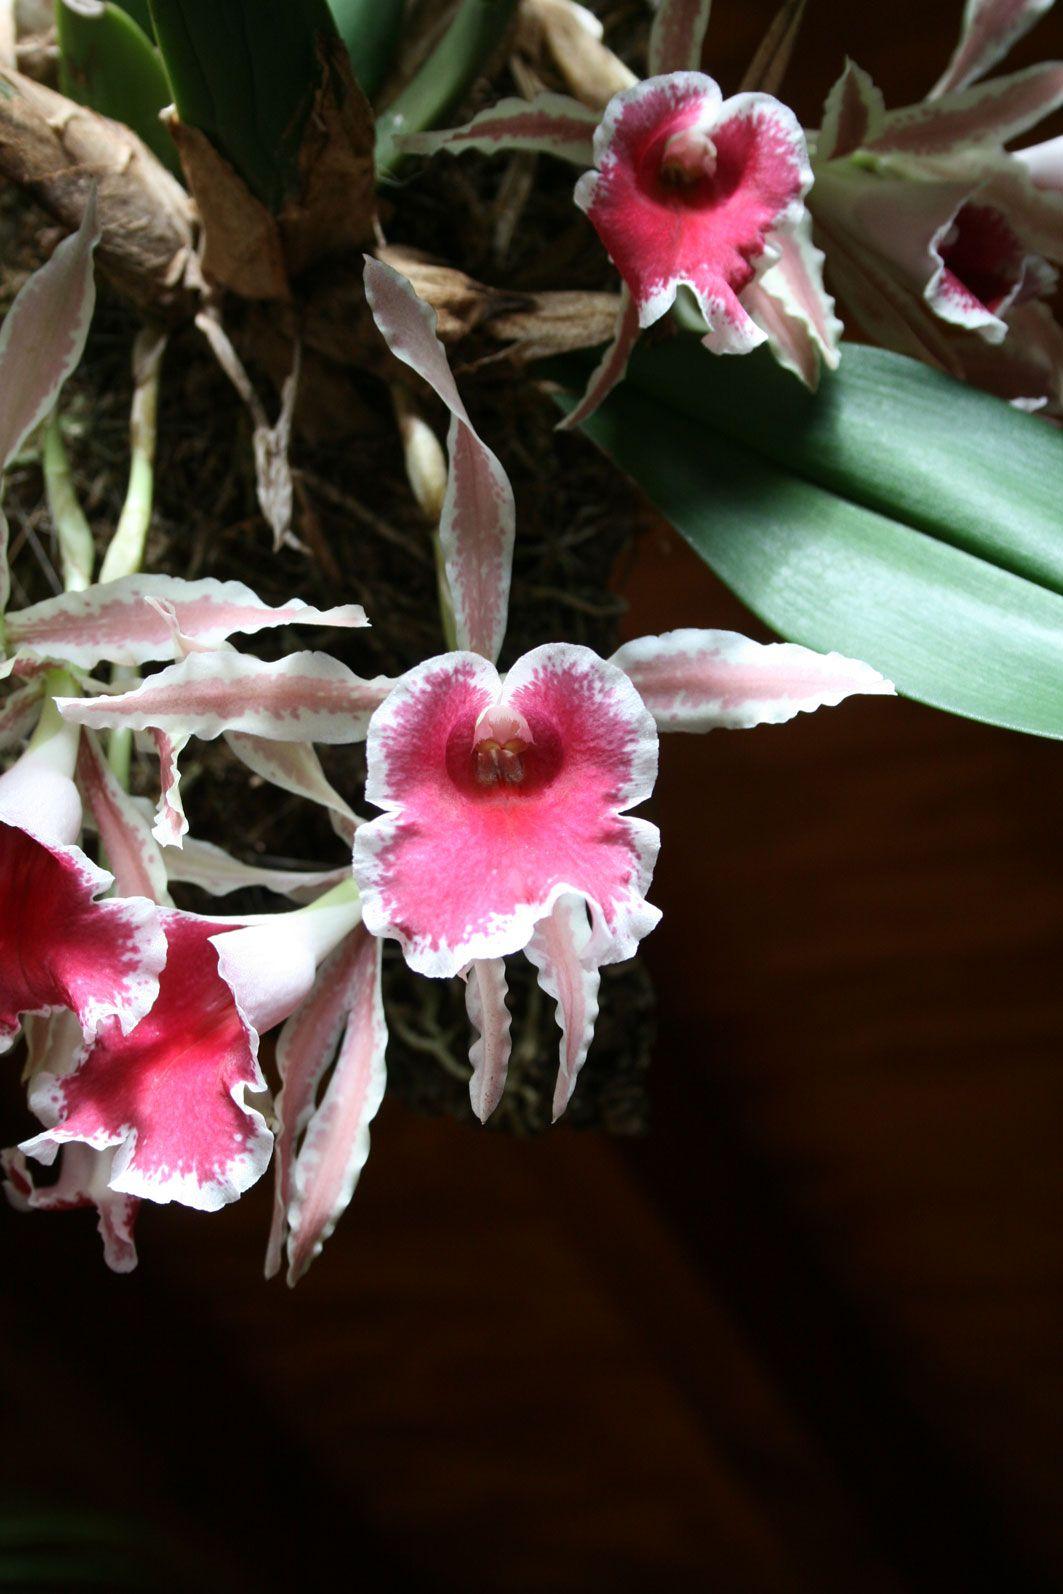 Las orquídeas de iván arroyo my orchids in basque country